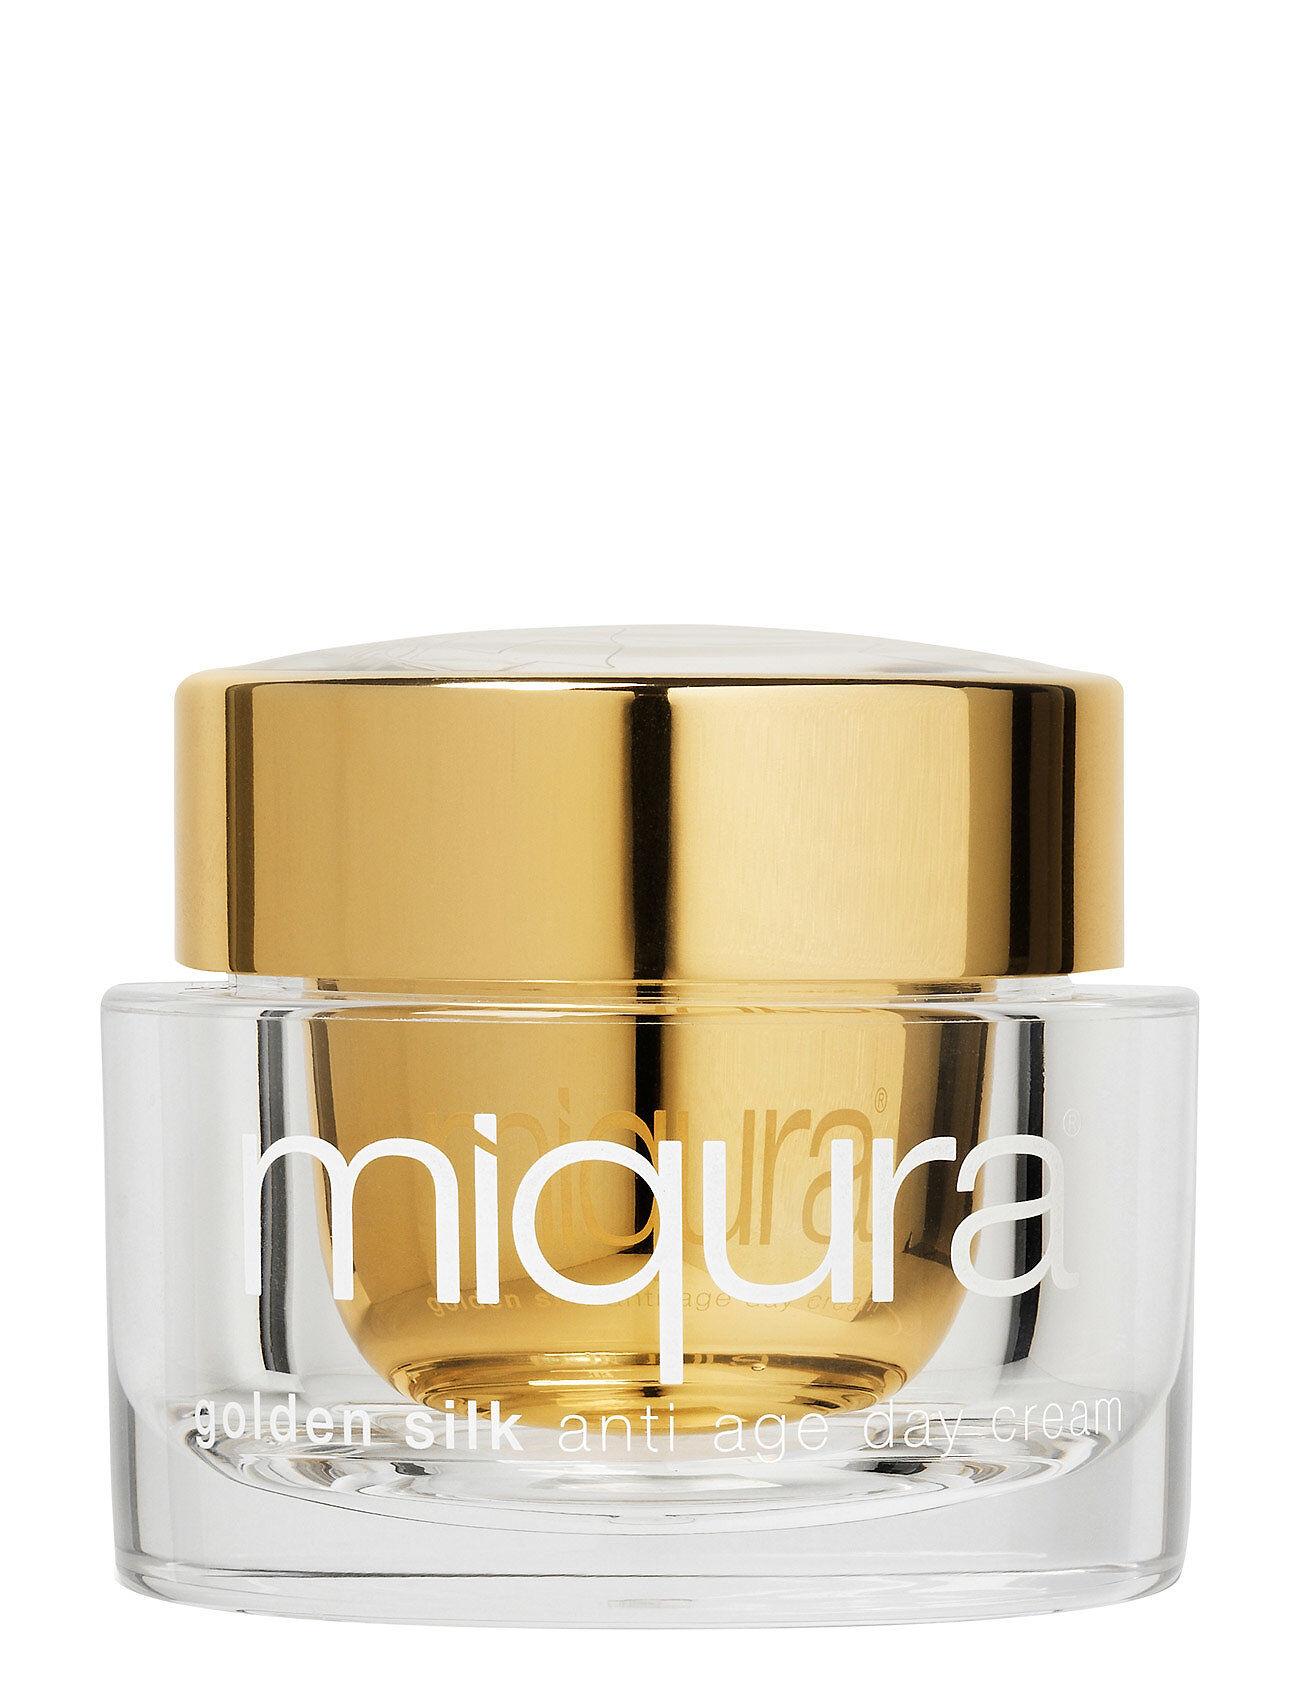 Miqura Golden Silk Anti Age Day Cream